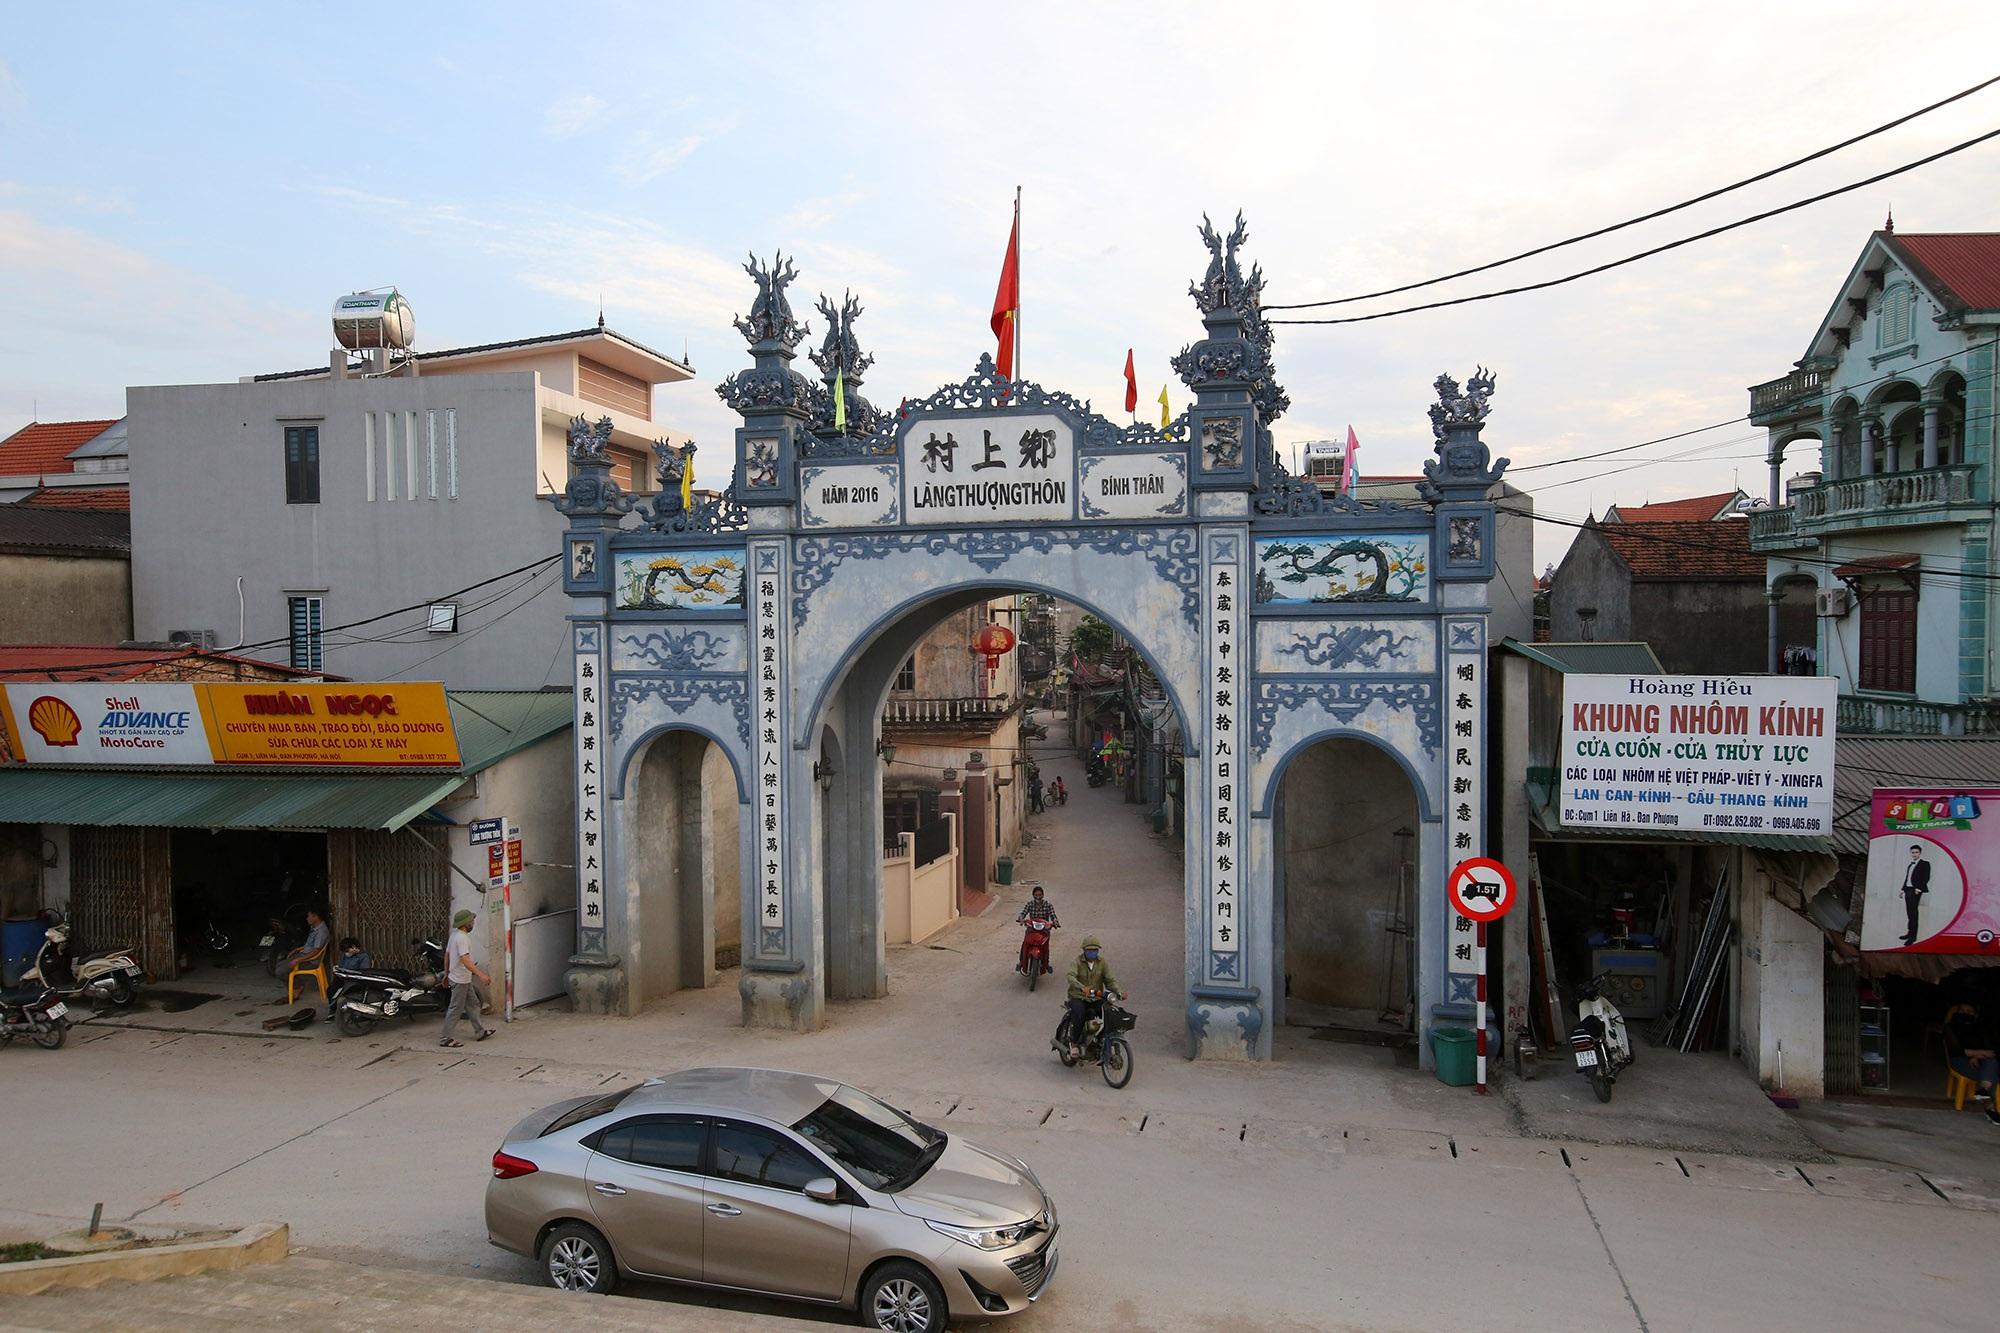 Vùng đất có nhiều cổng làng khủng - 12